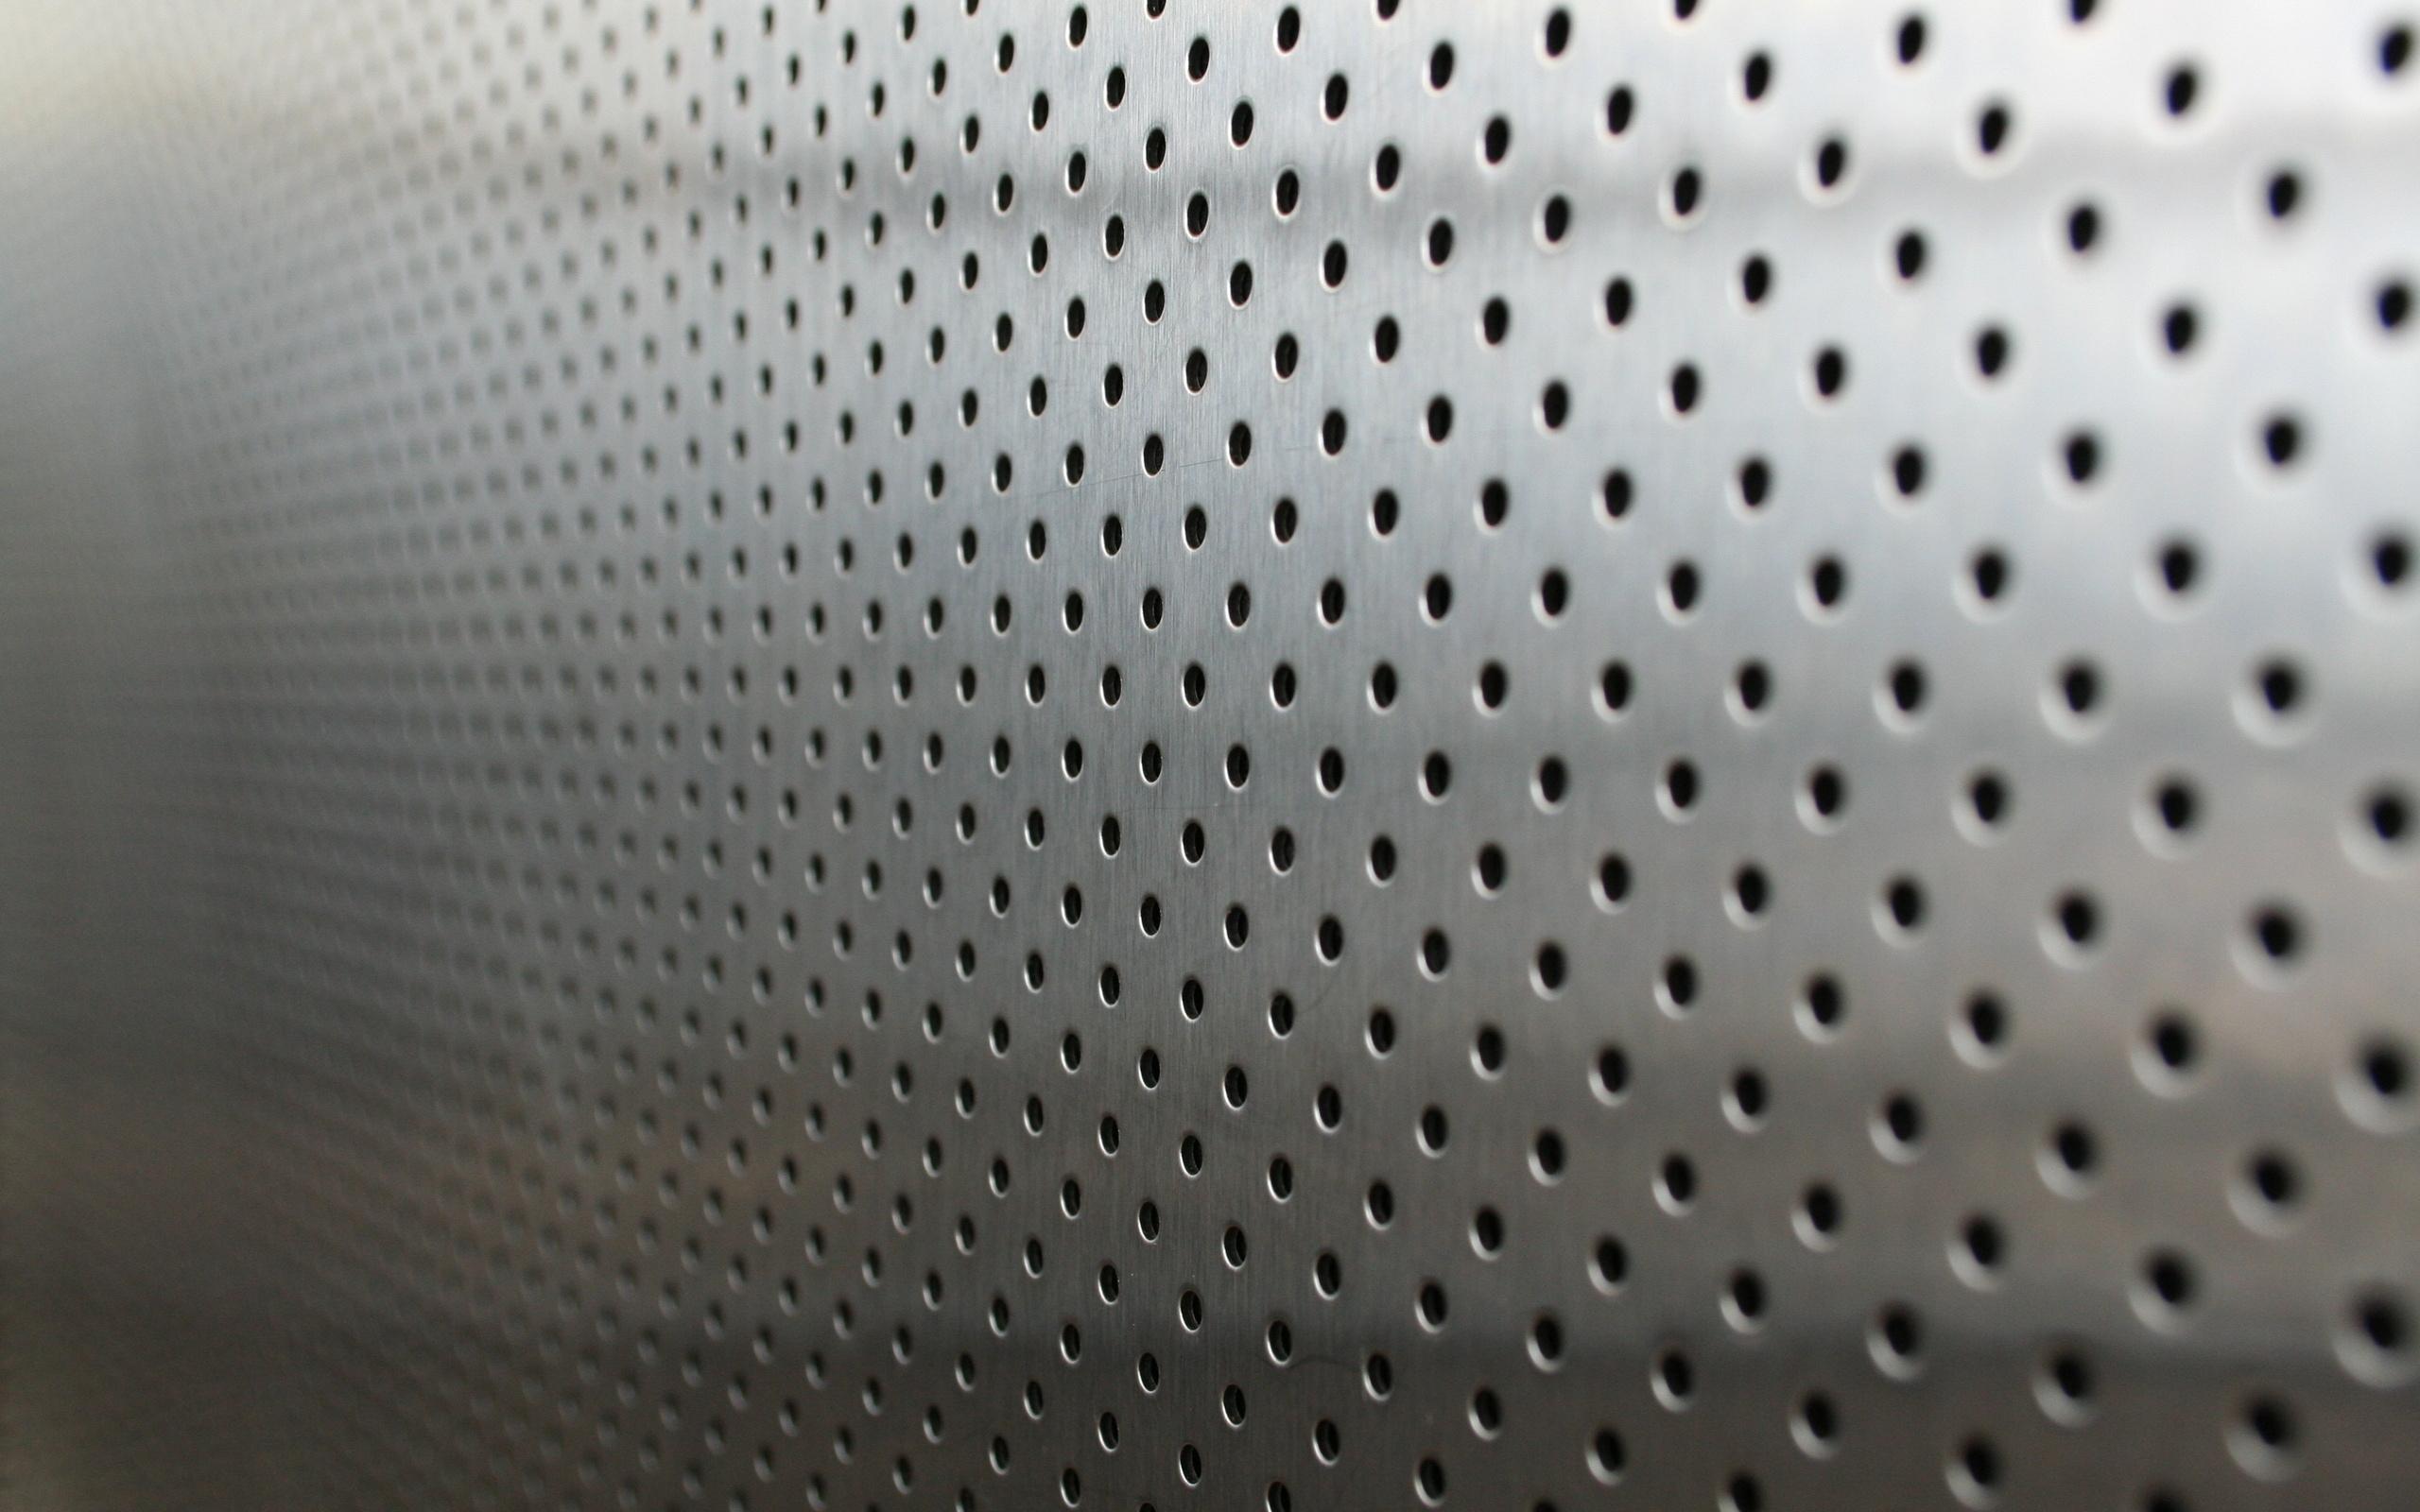 Masaüstü Metal Puan Delikler Gümüş Arka Fon 2560x1600